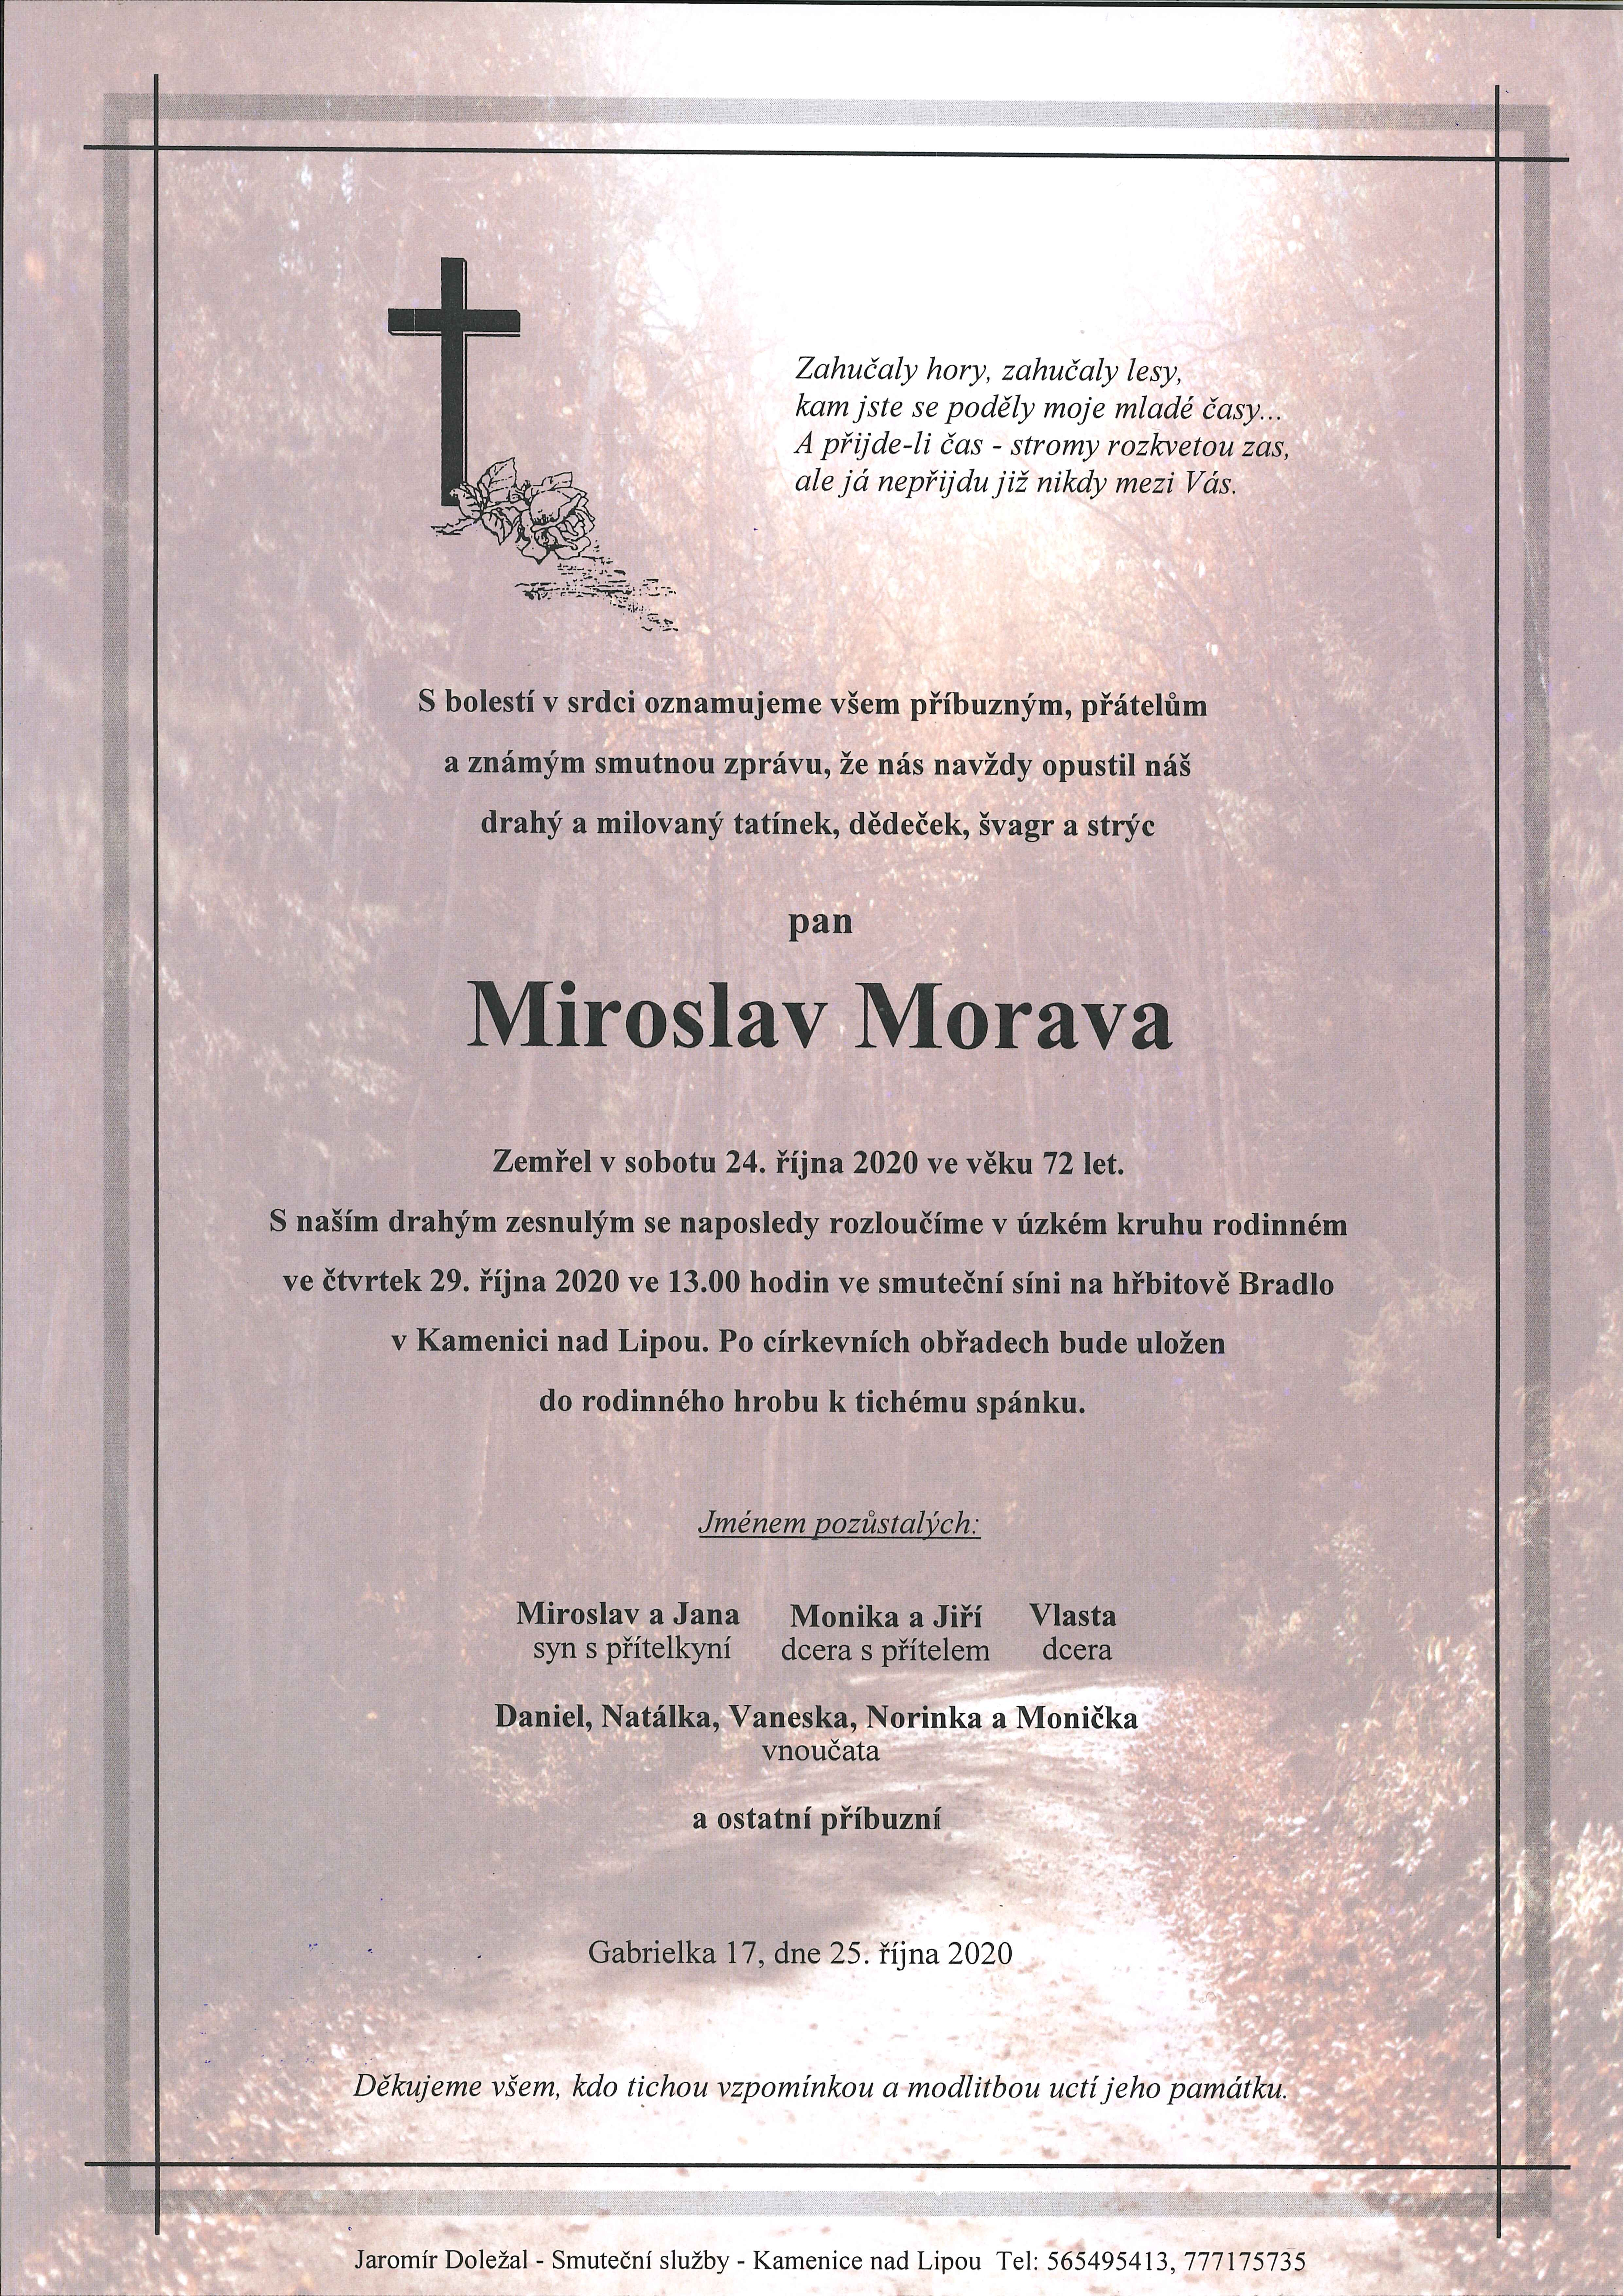 Miroslav Morava